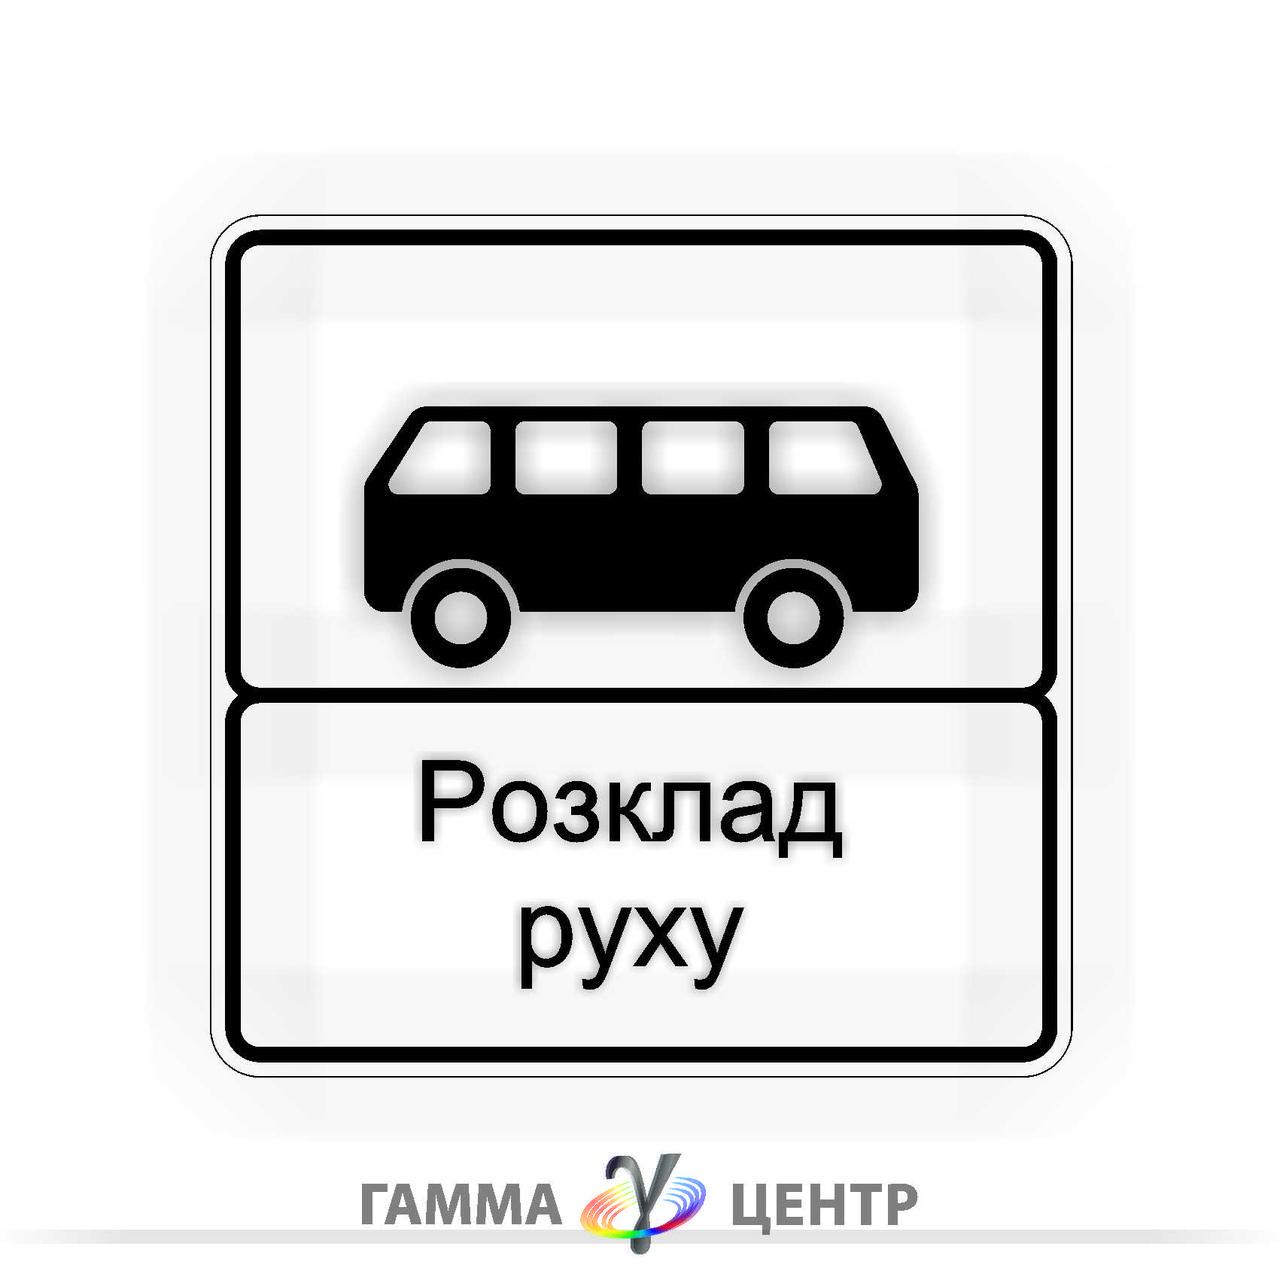 Дорожній знак 5.41.2 Кінець пунктом зупинки автобуса